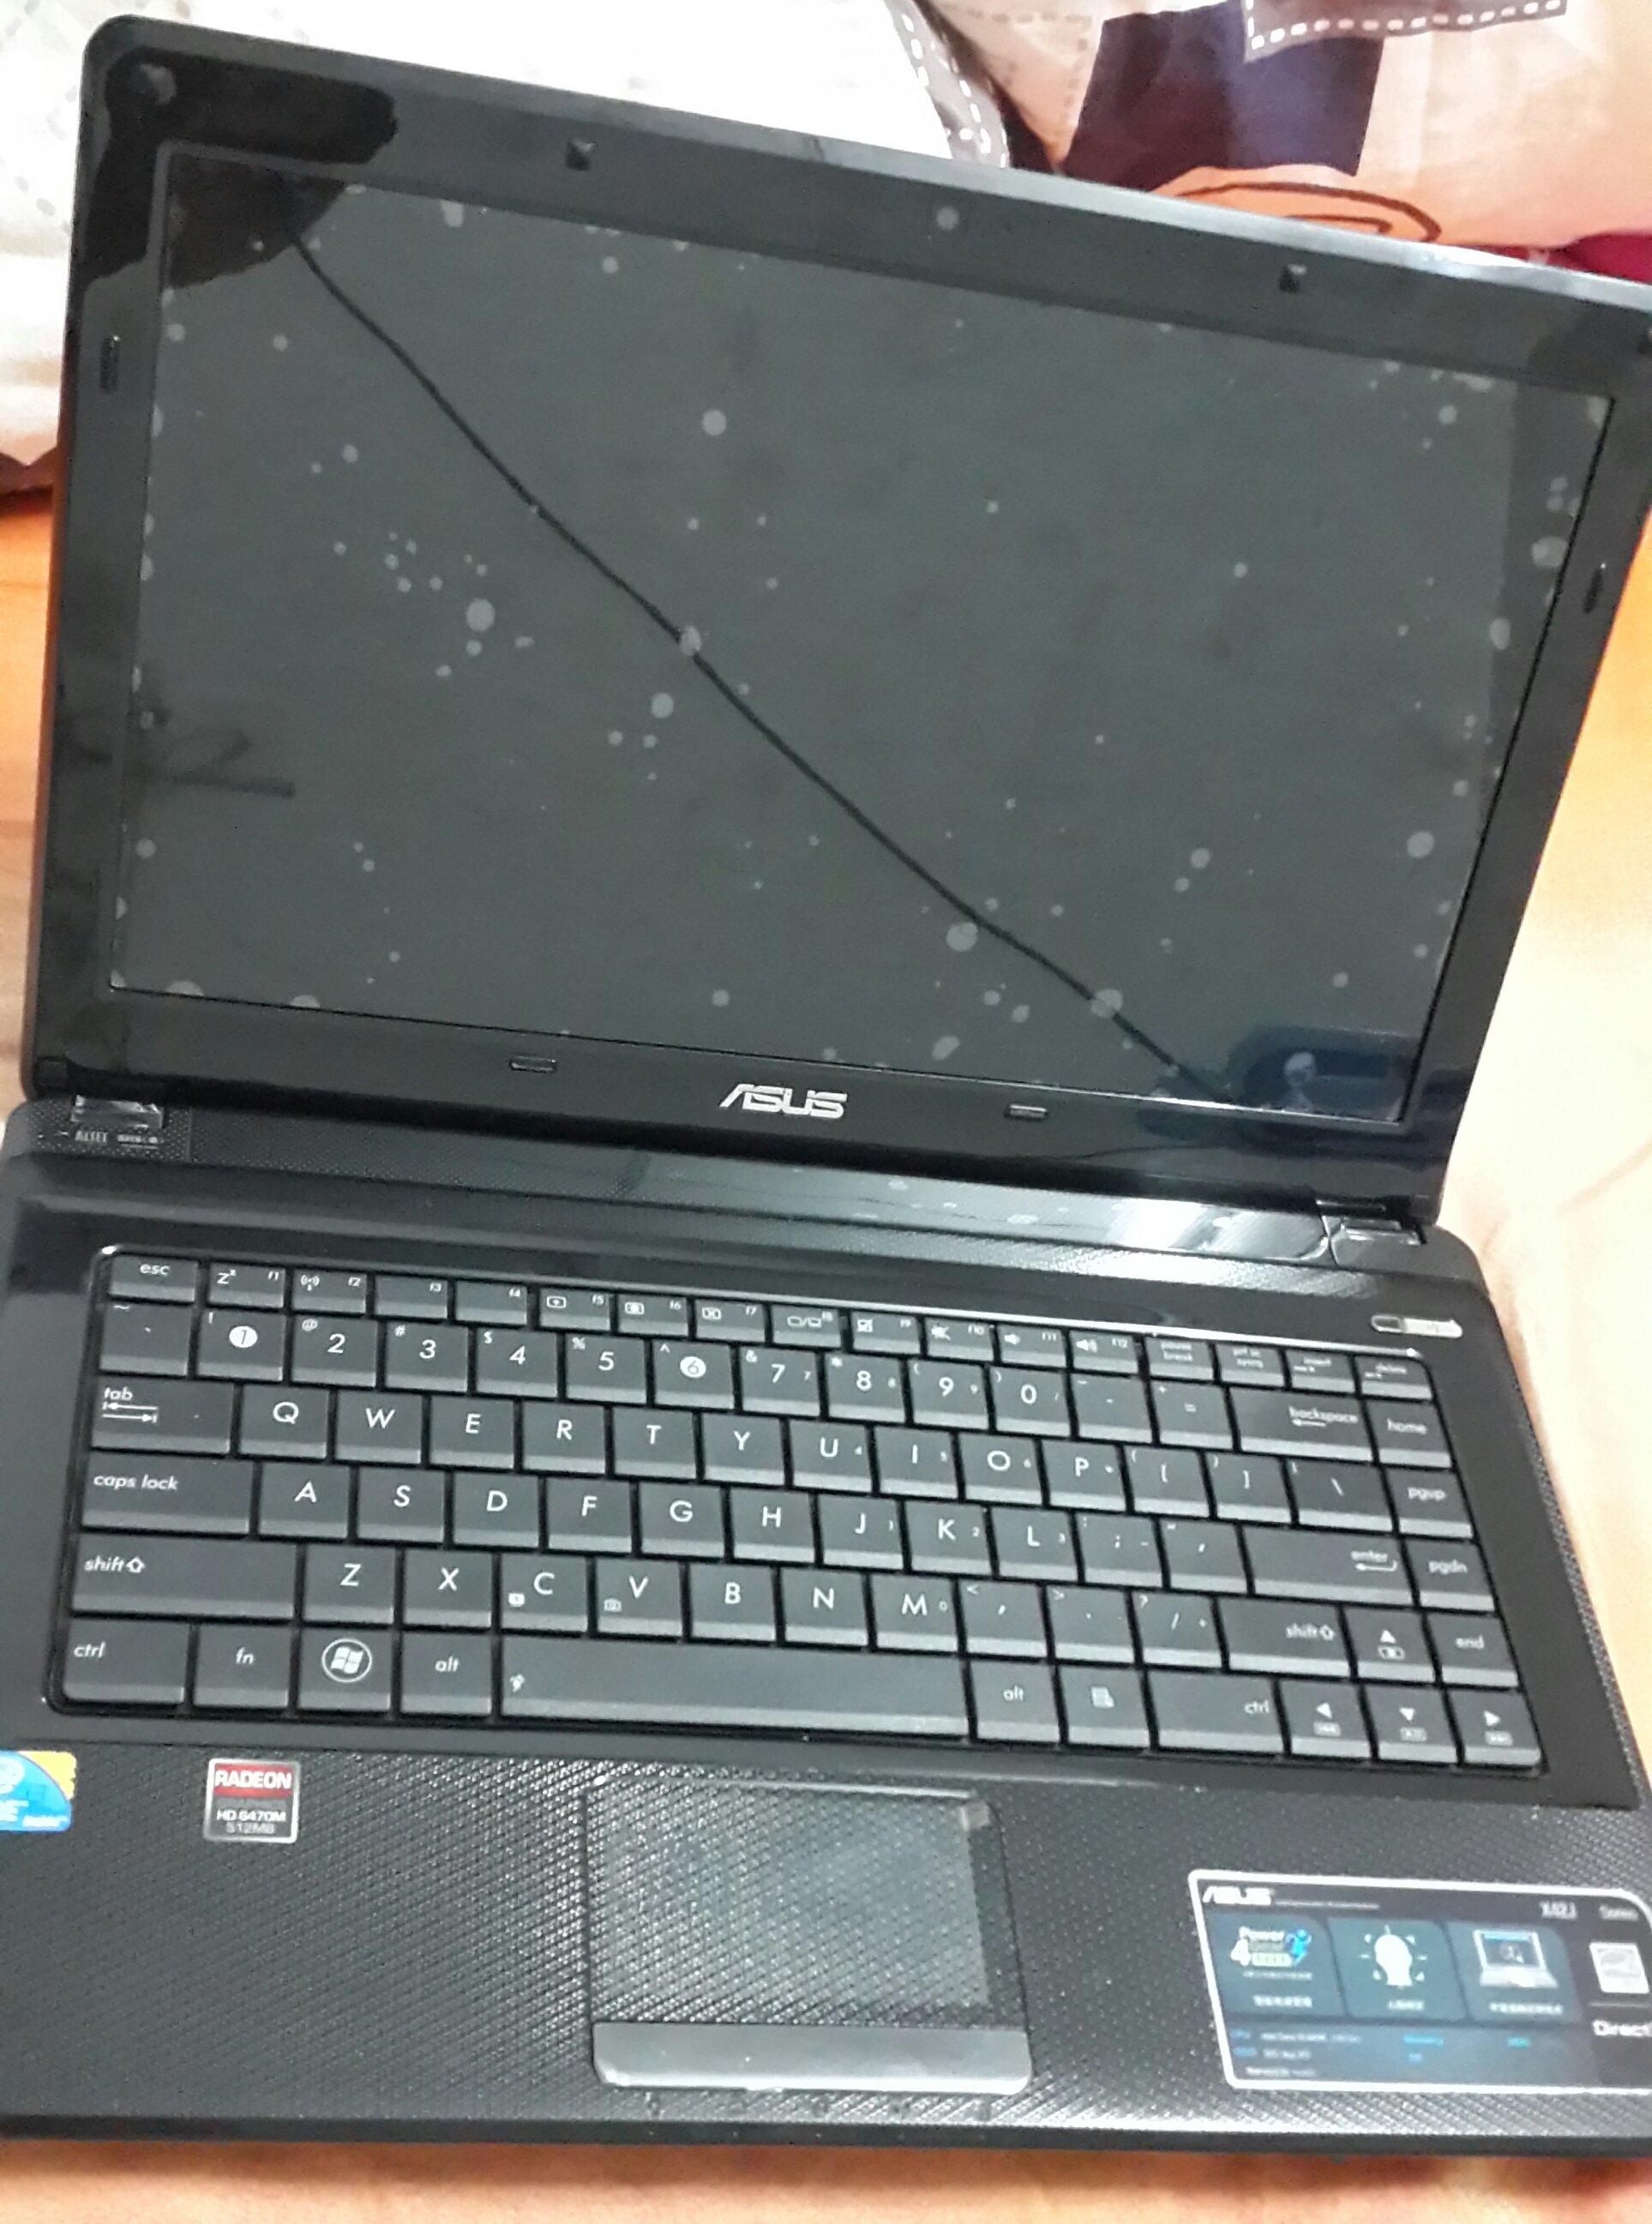 我的华硕笔记本电脑为啥老是死机啊,老是蓝屏